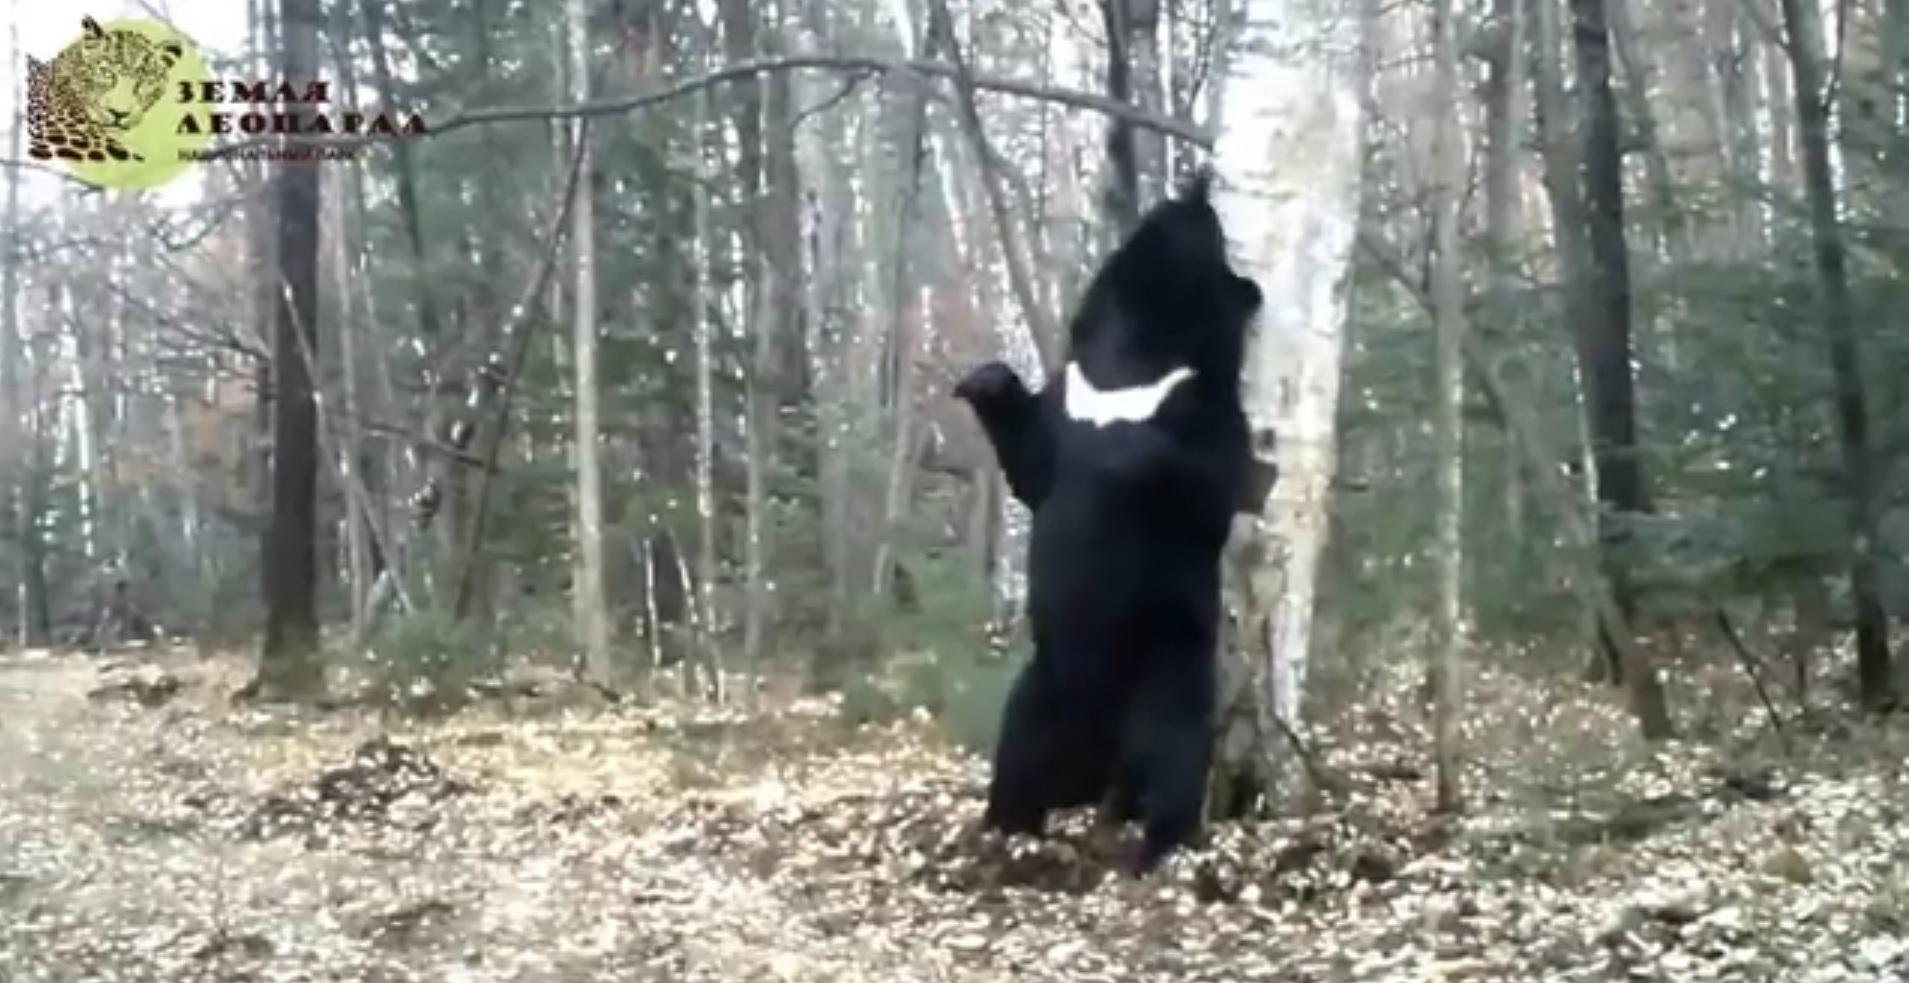 Мишка чешется и танцует перед деревом (9.404 MB)